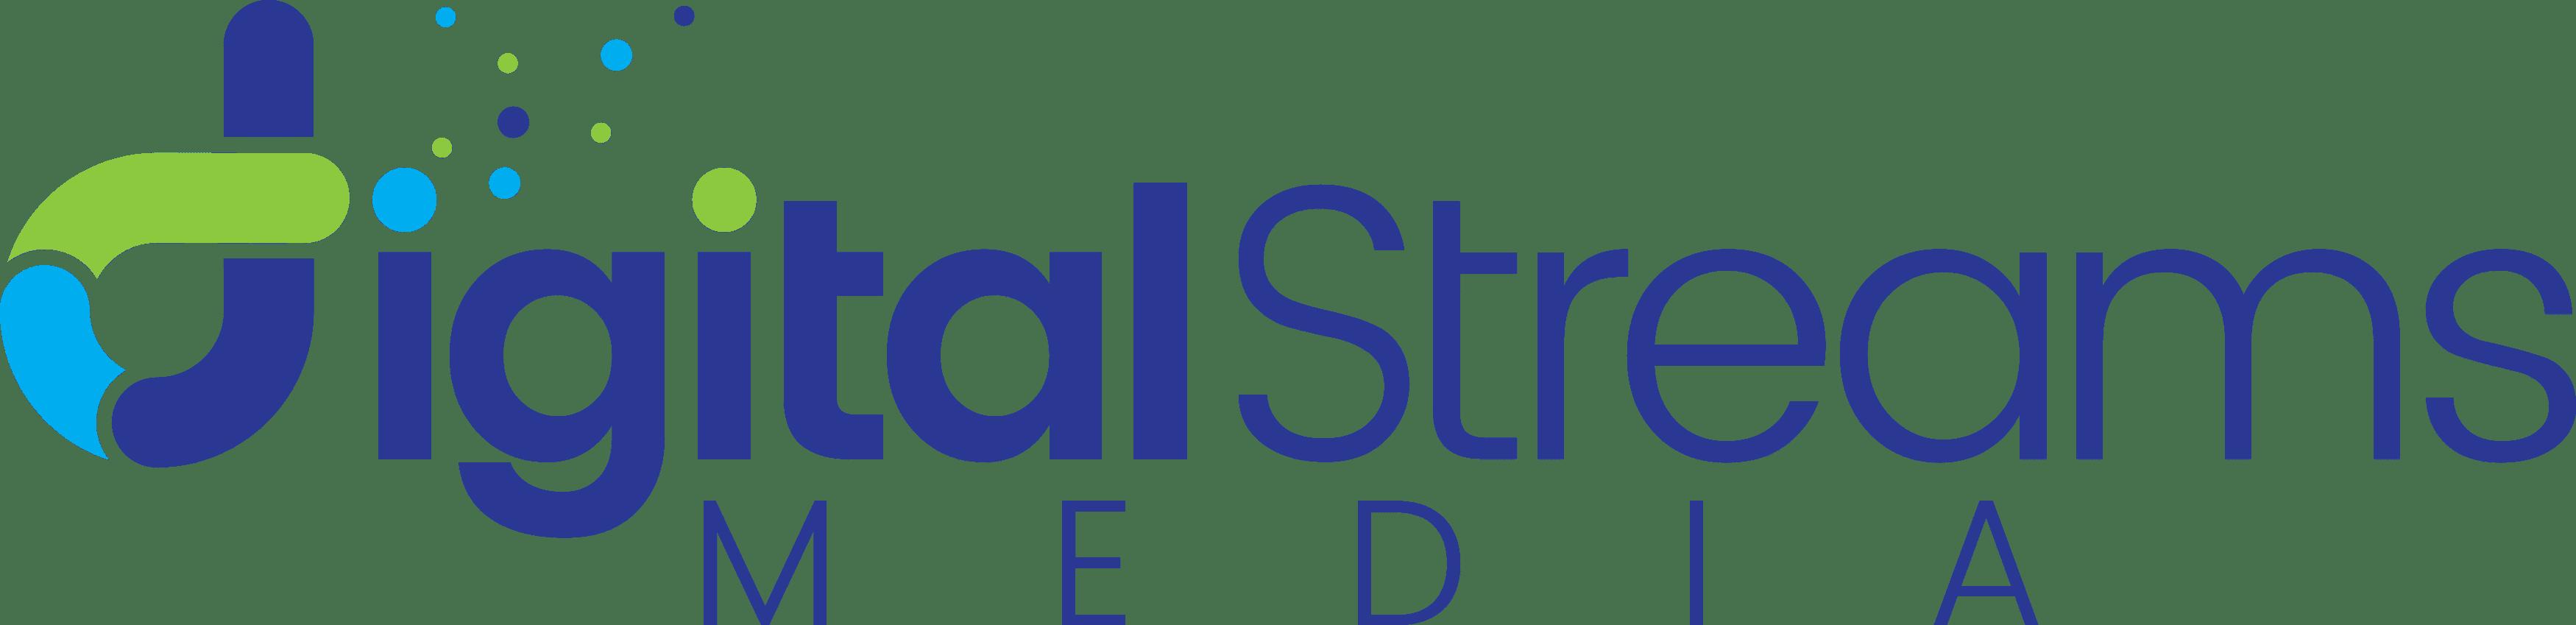 Digital Streams Media